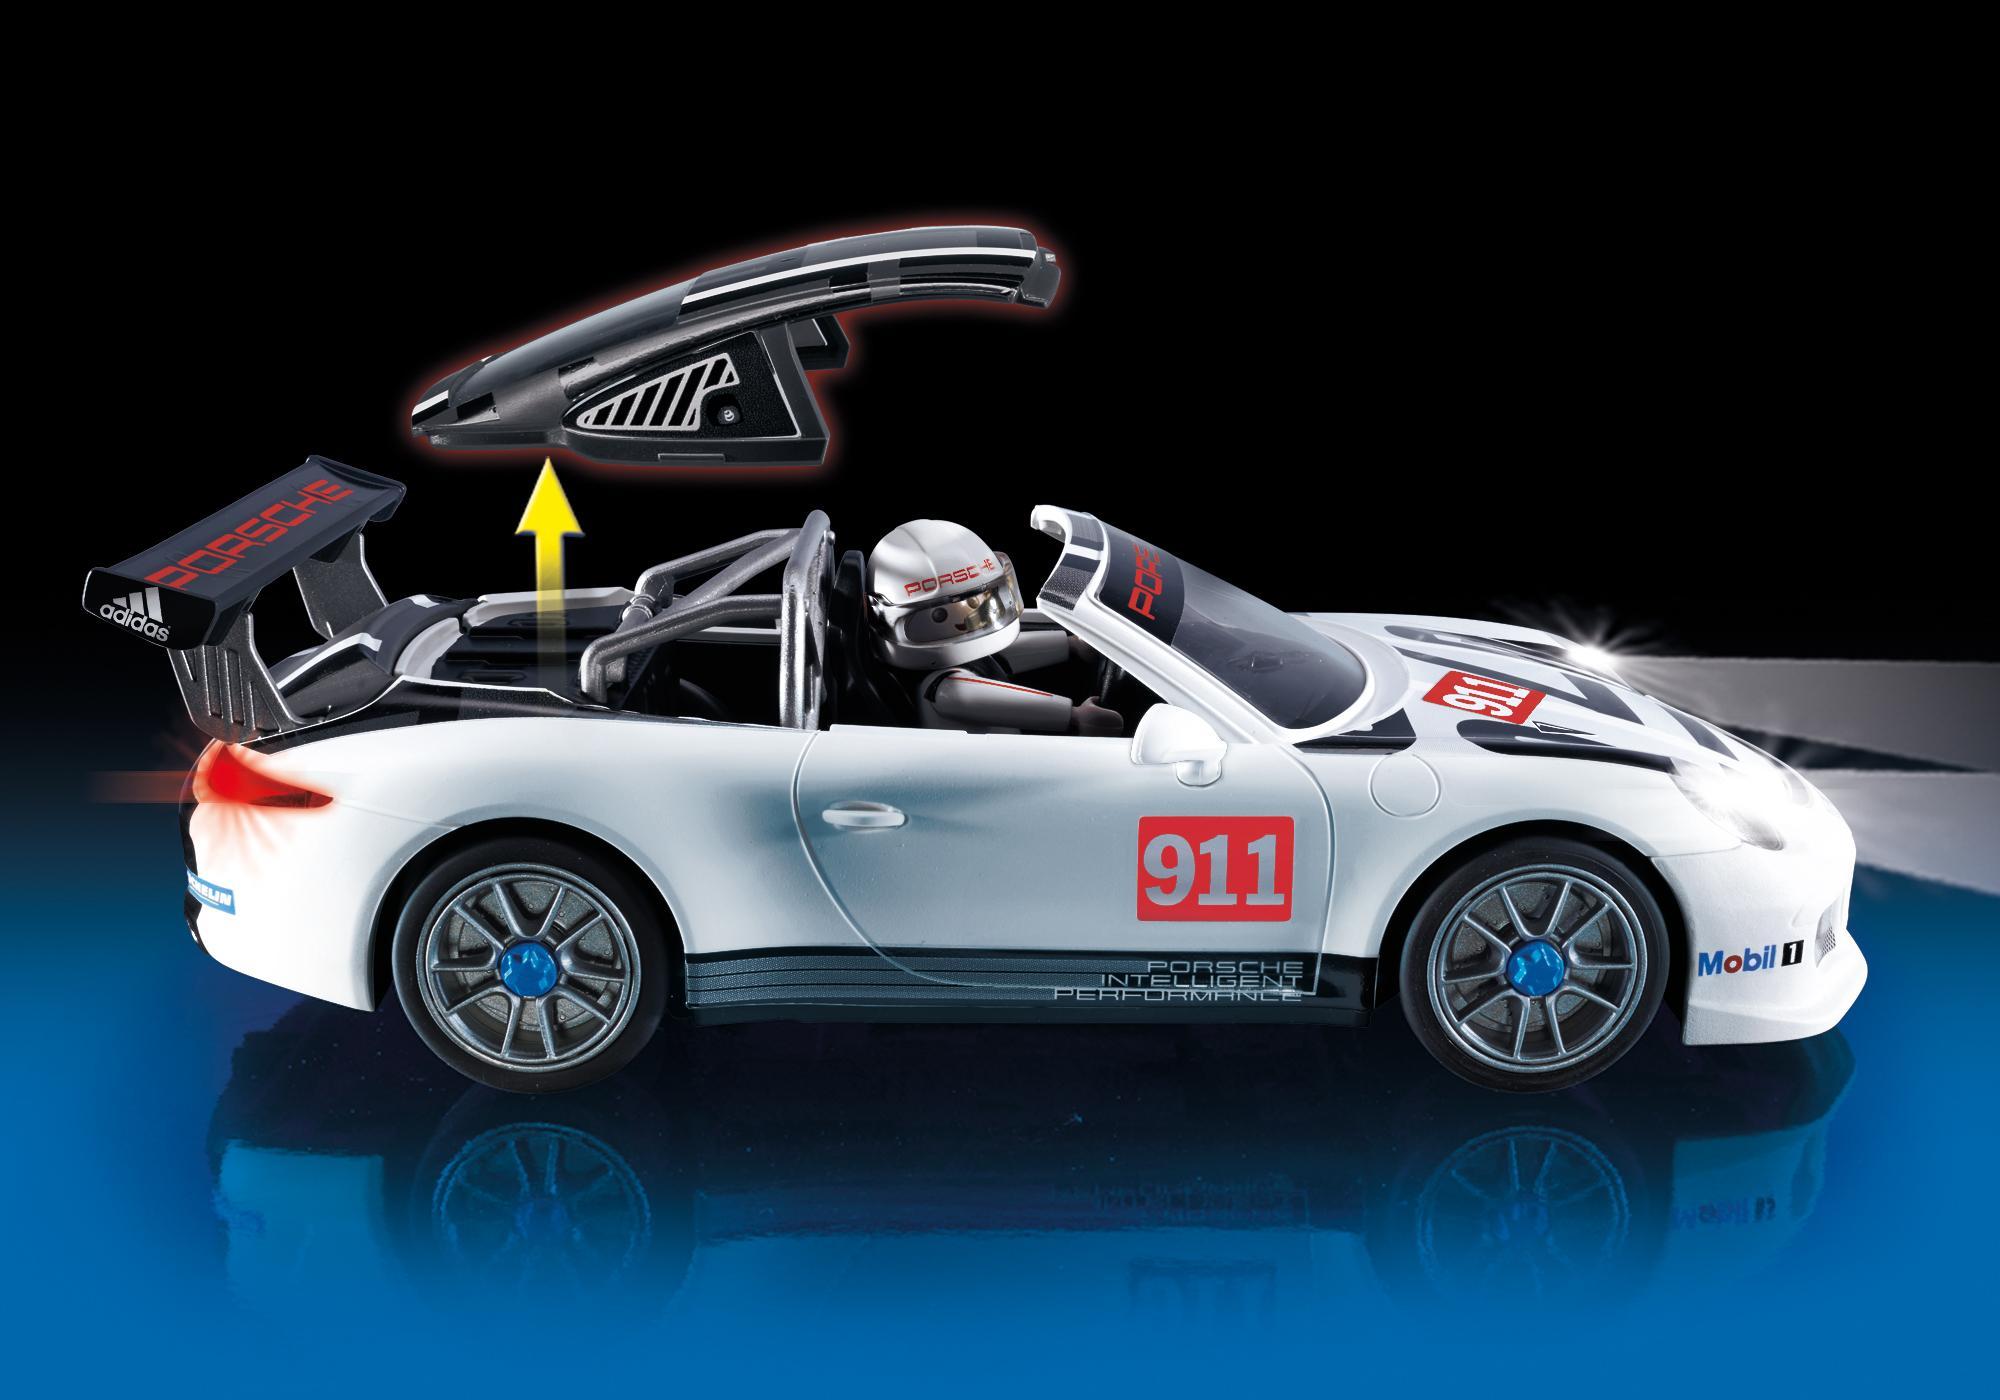 Porsche 911 Gt3 Cup 9225 Playmobil 174 France